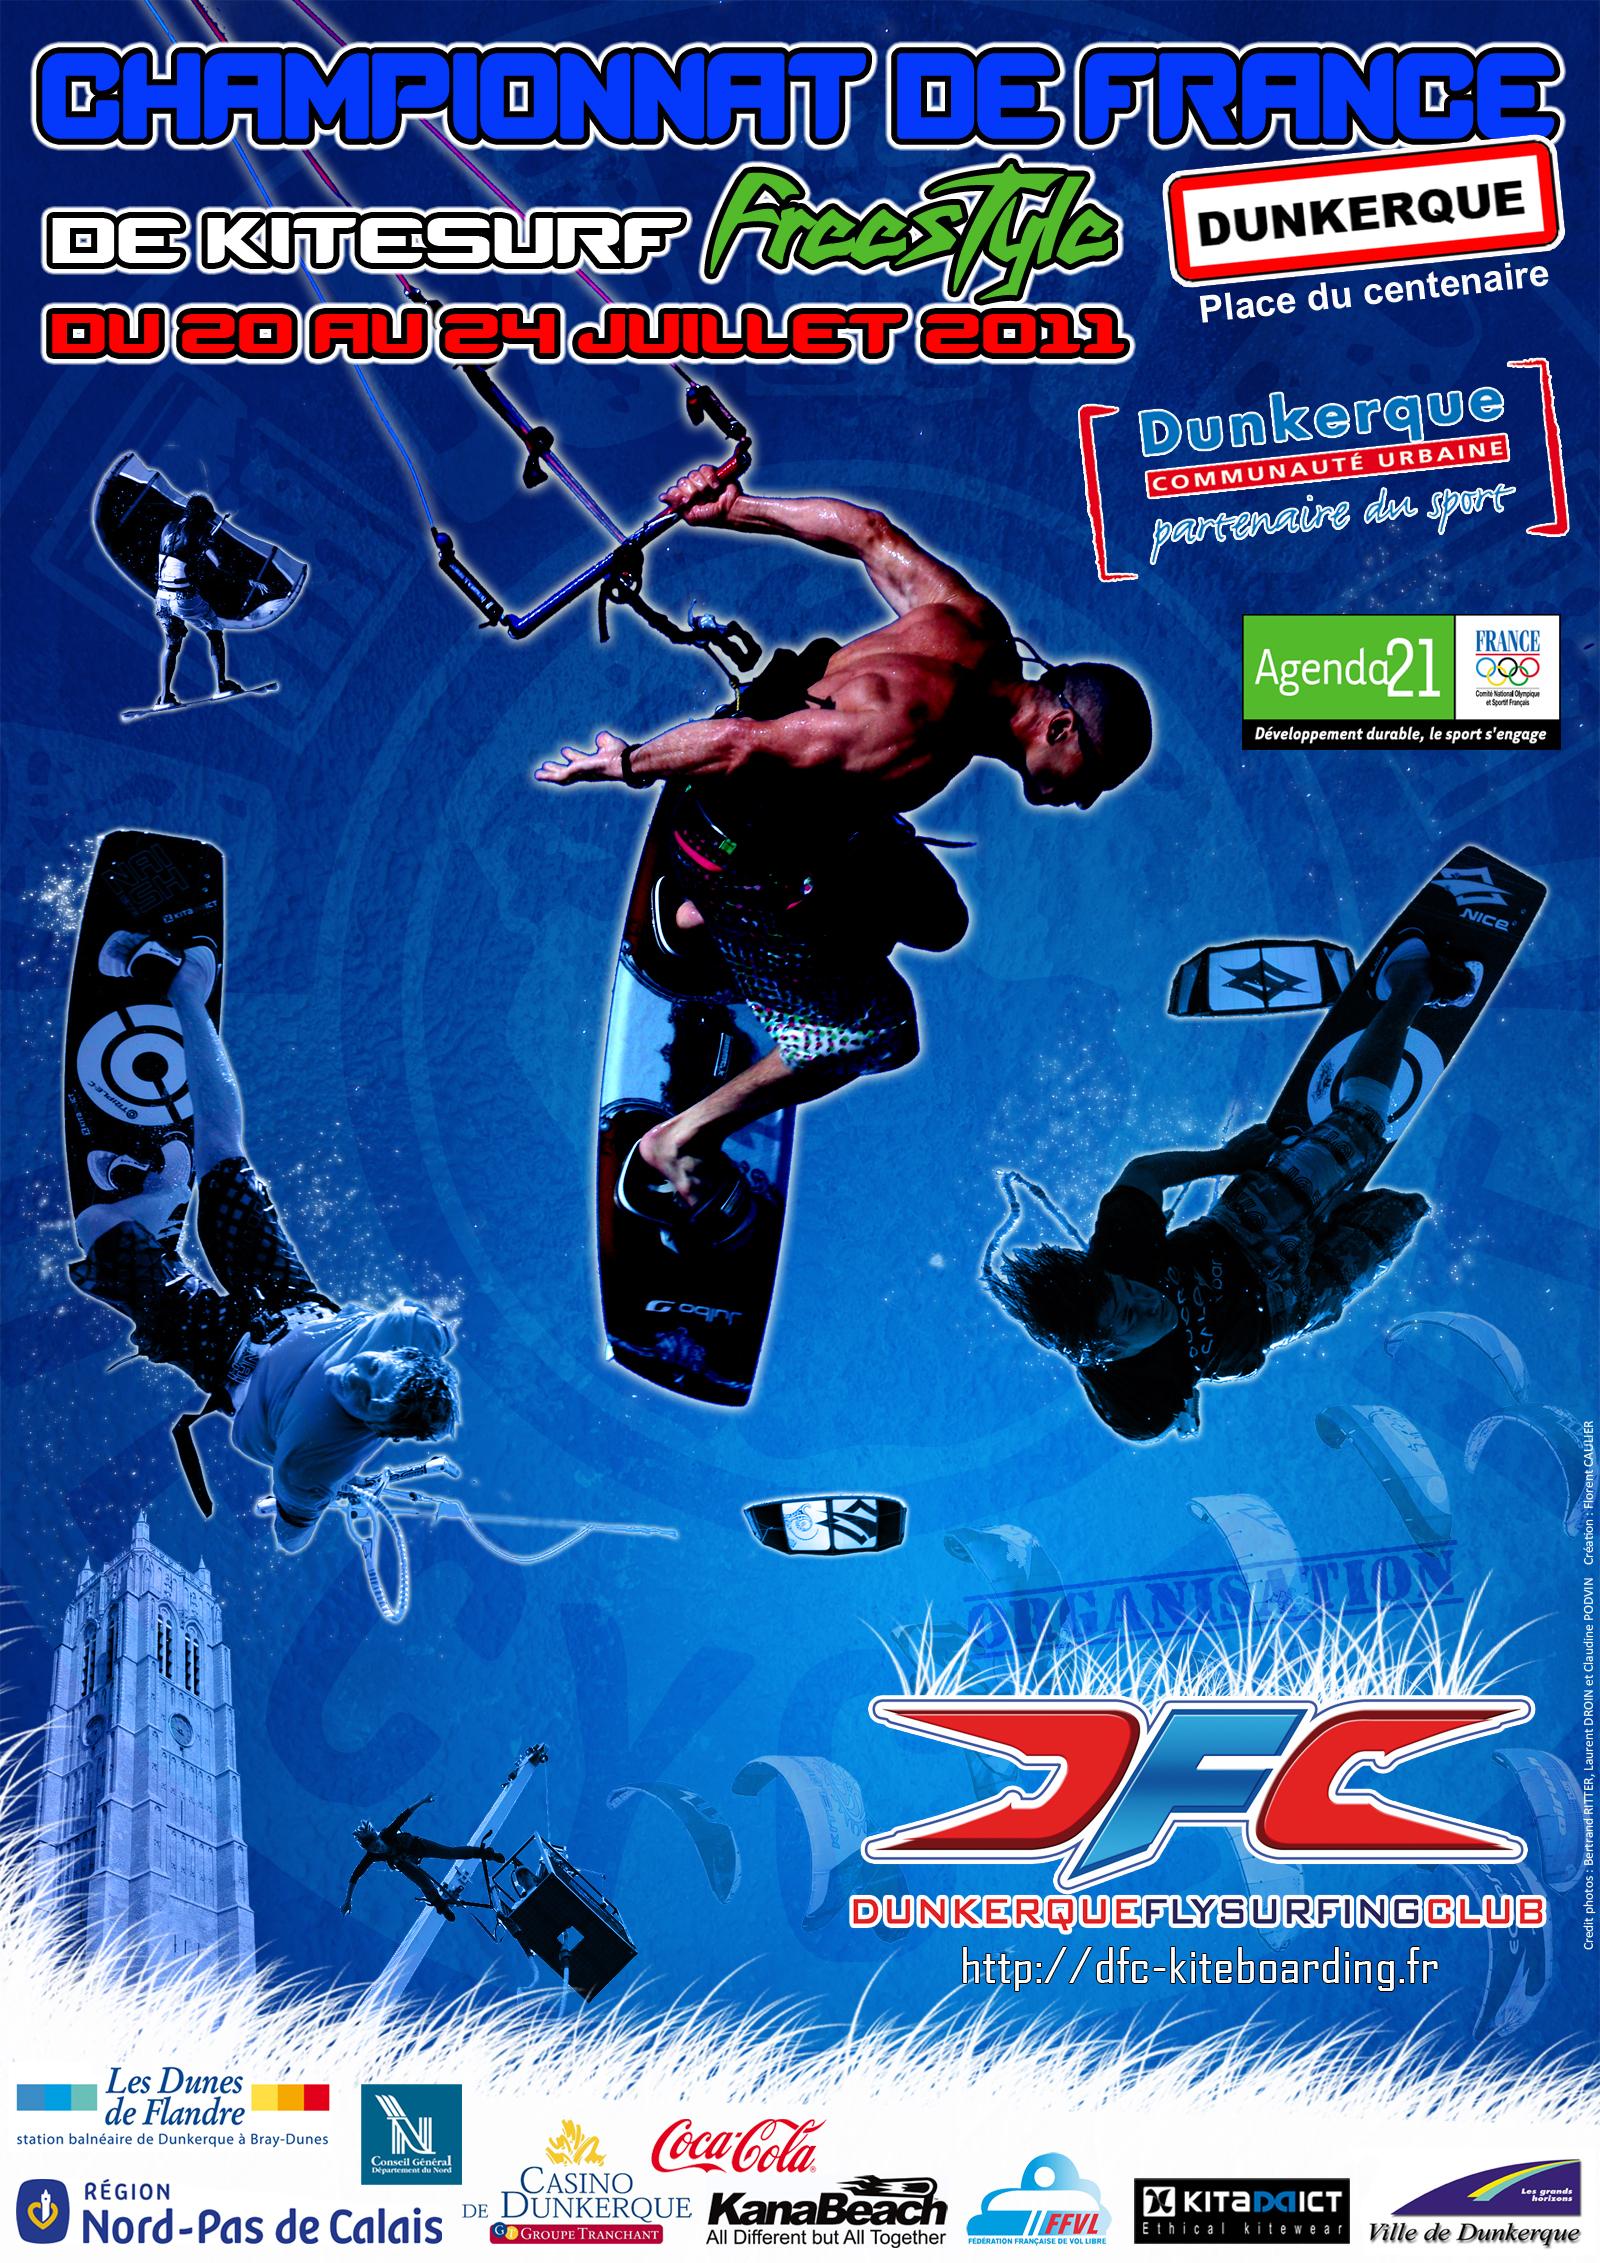 Championnat de France 2011 : l'affiche